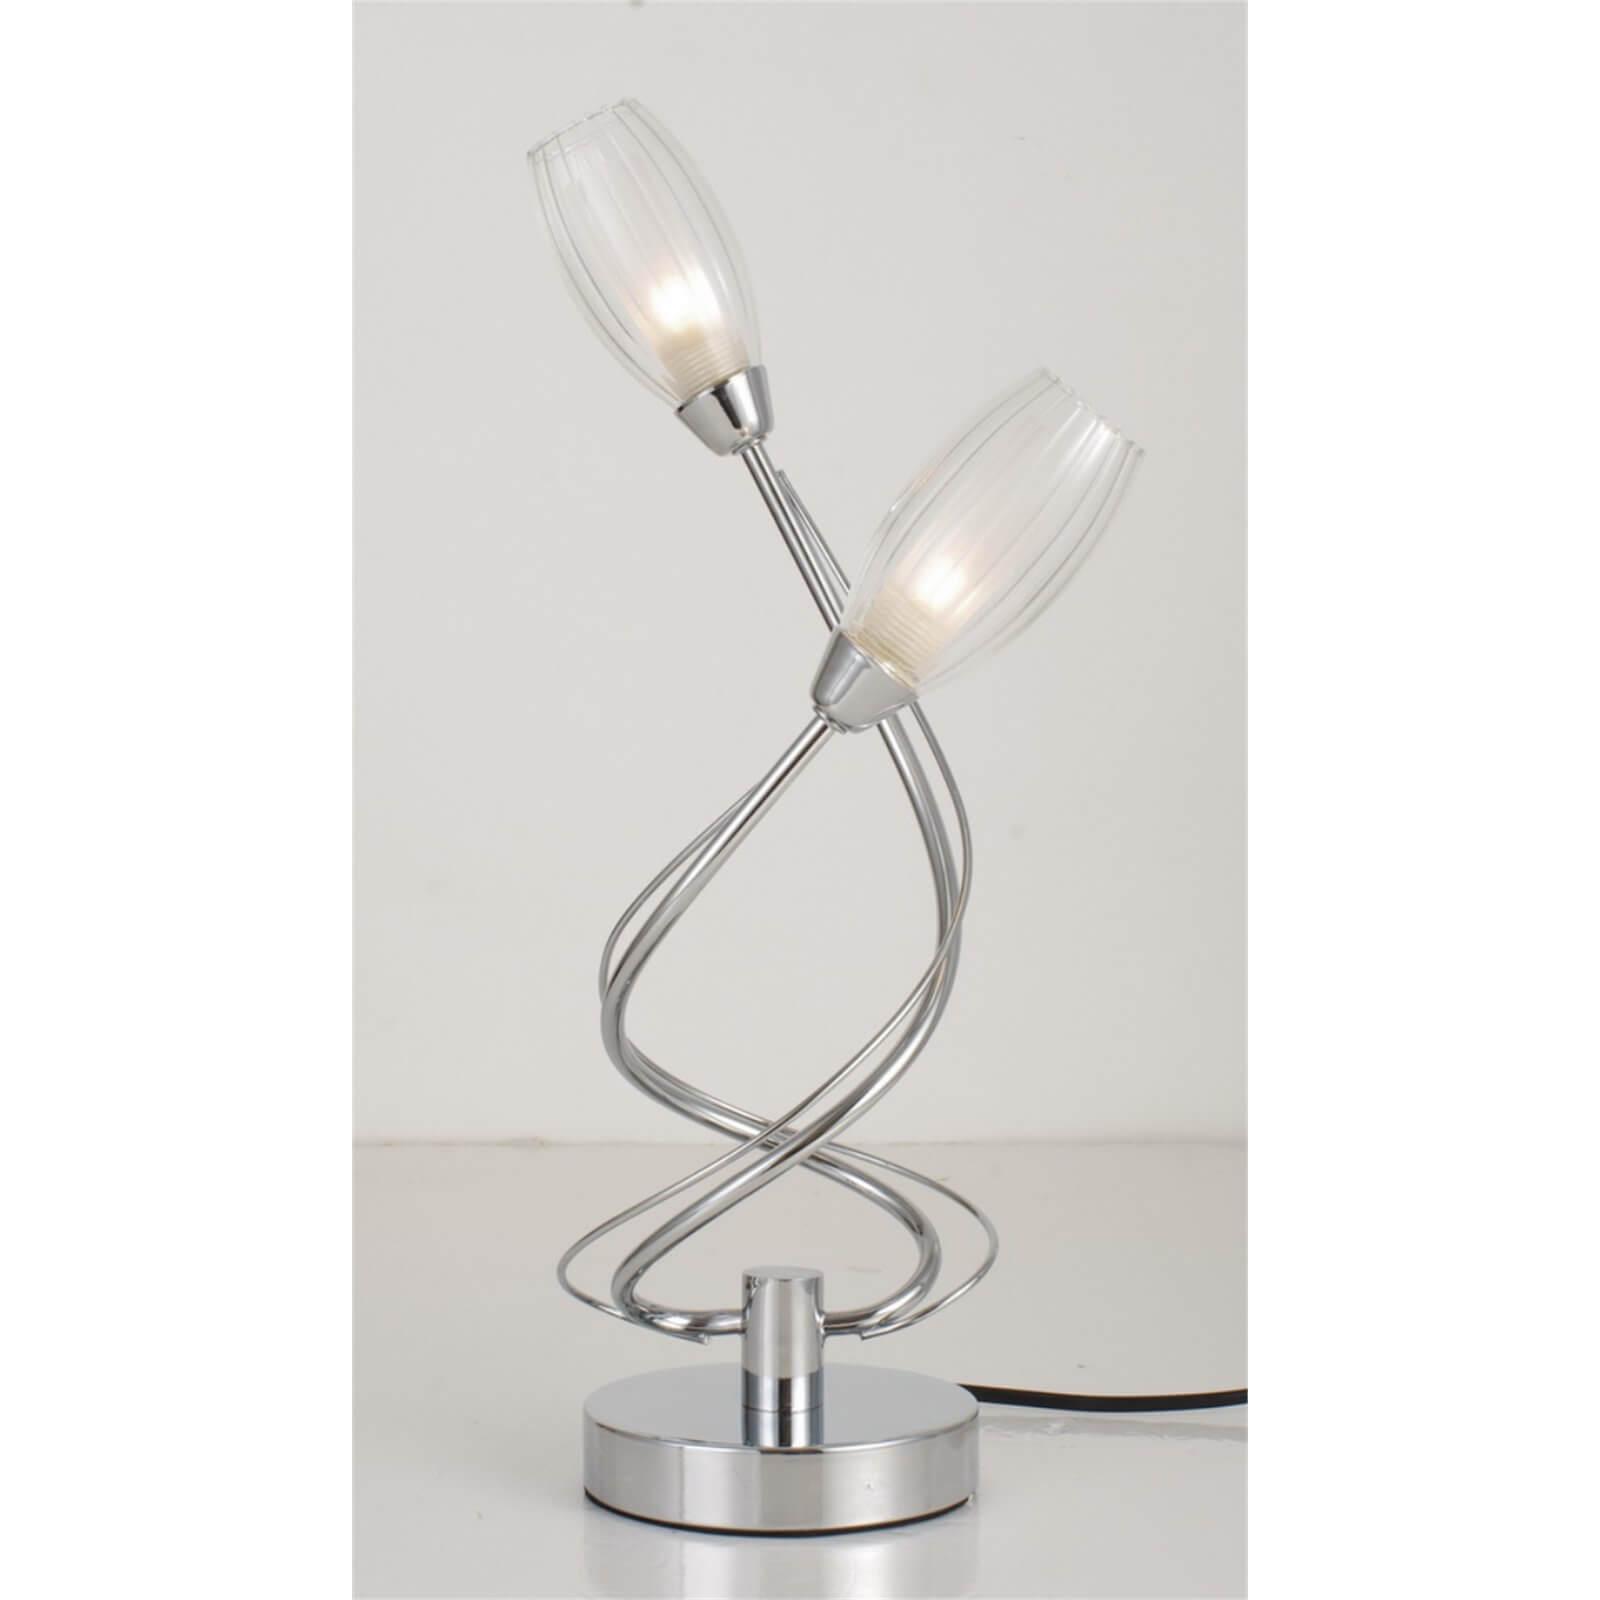 Estelle 2 Light Table Lamp - Chrome